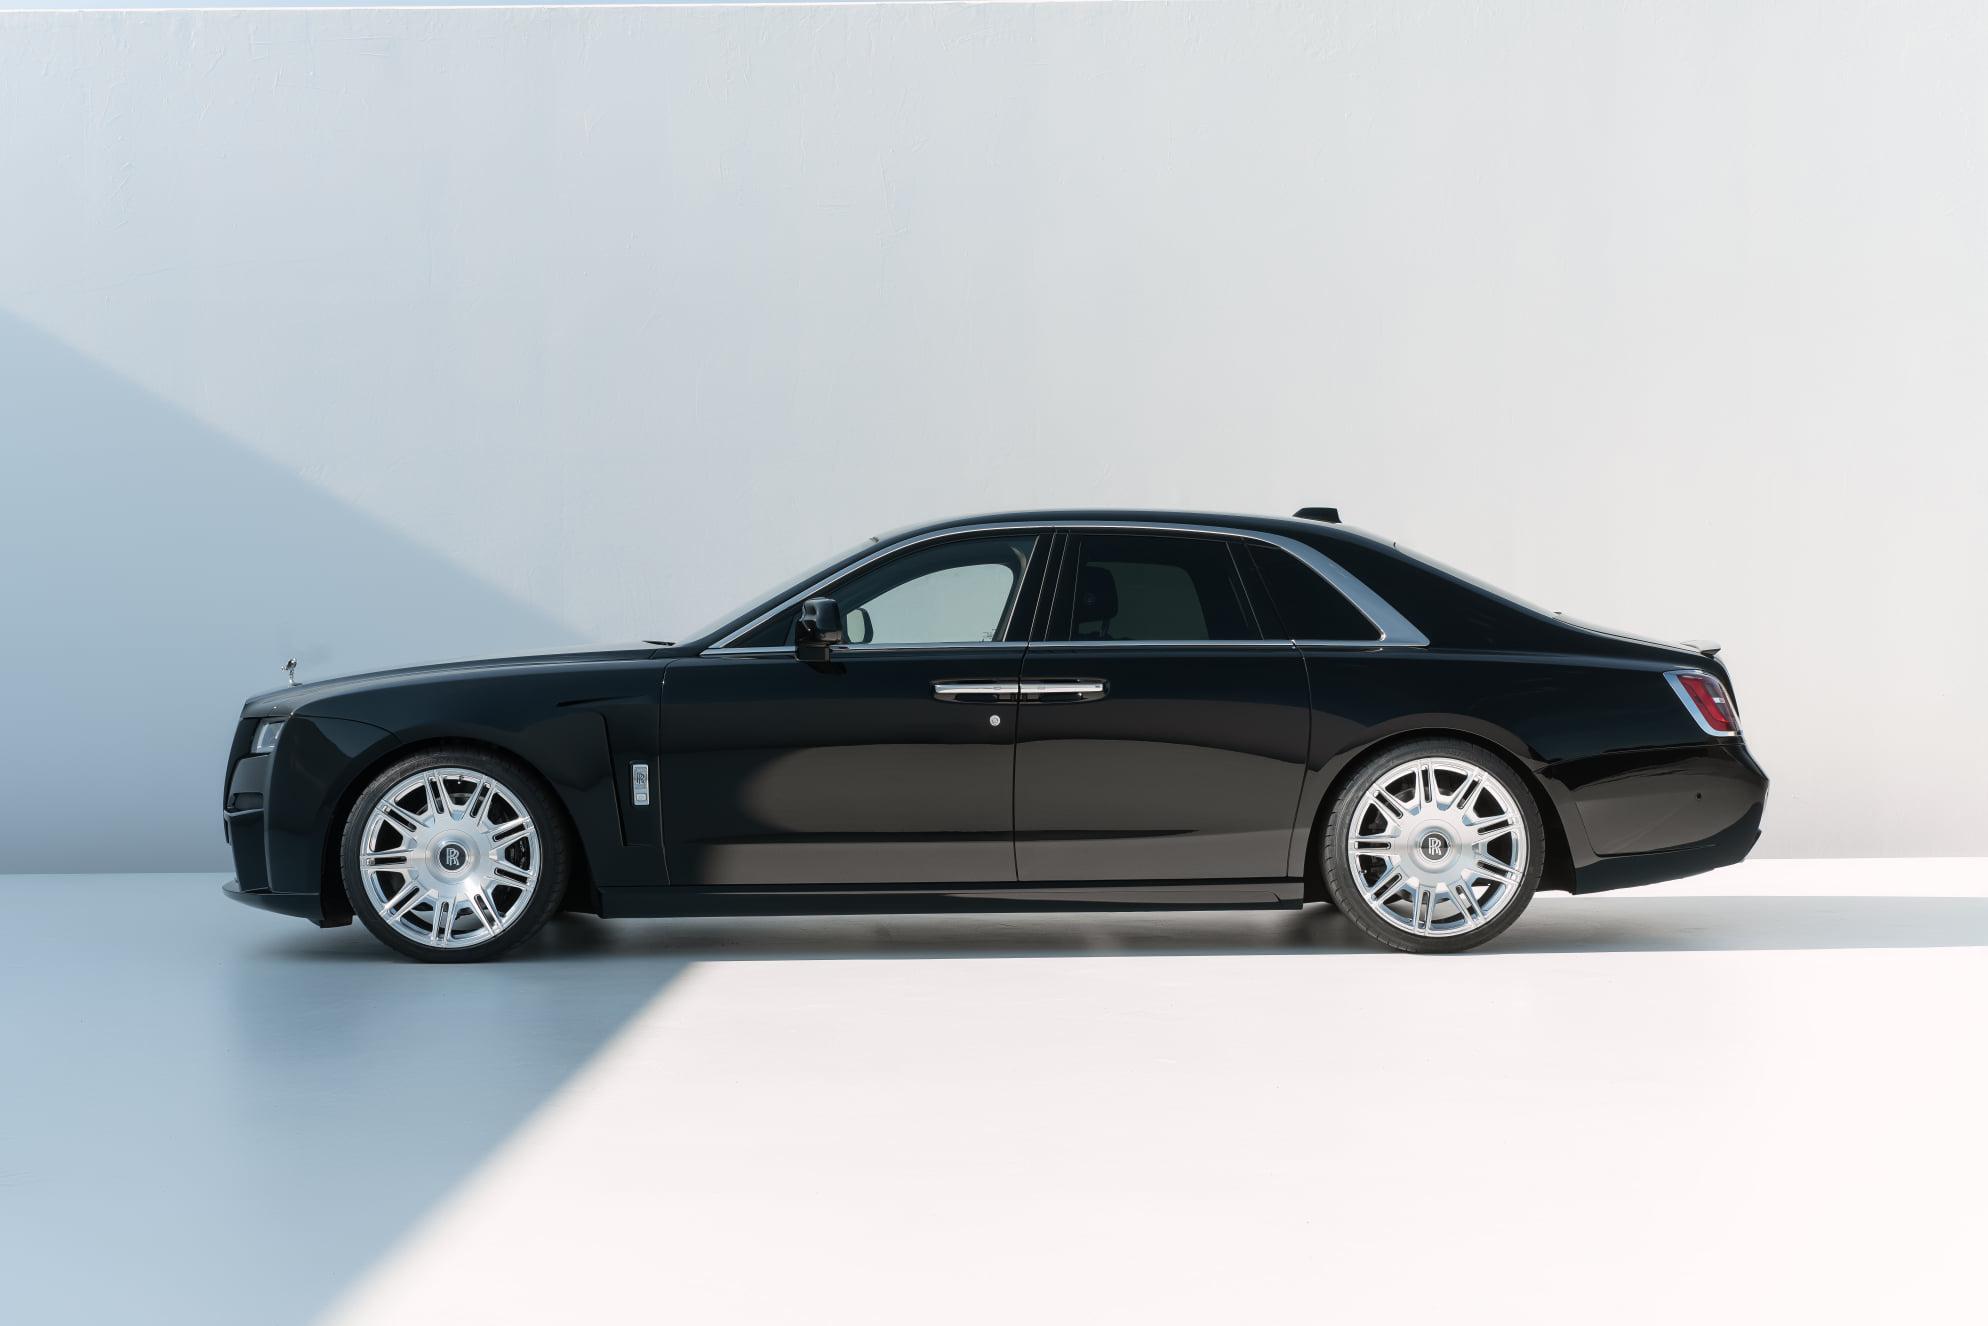 Rolls-Royce-Ghost-by-Spofec-2